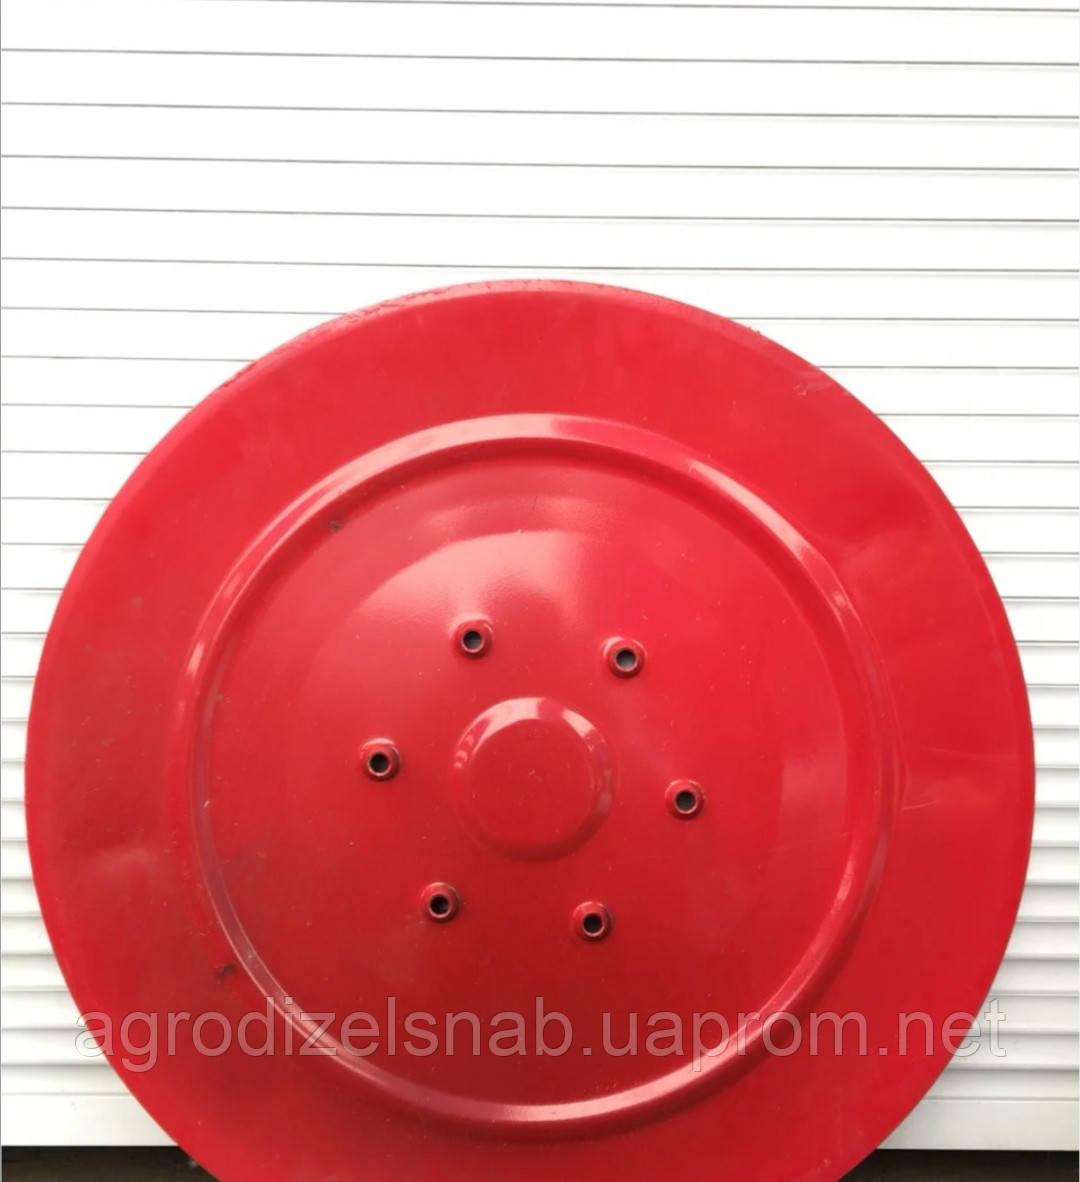 Диск скользящий 5036010520 (роторная косилка WIRAX Z-169) тарелка нижняя